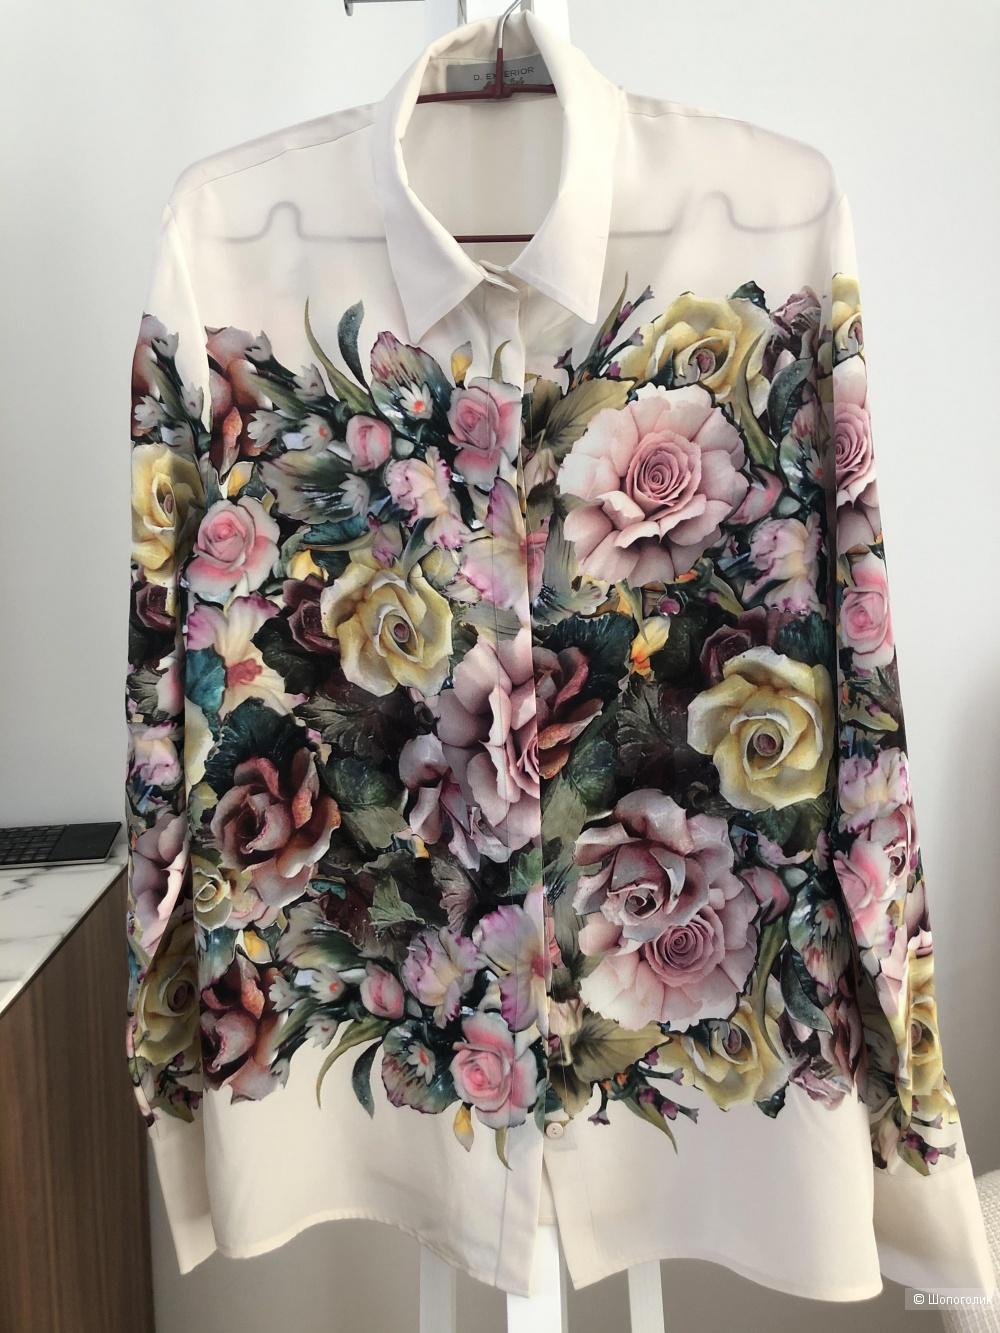 Шелковая блуза D.Exterior. Размер L.